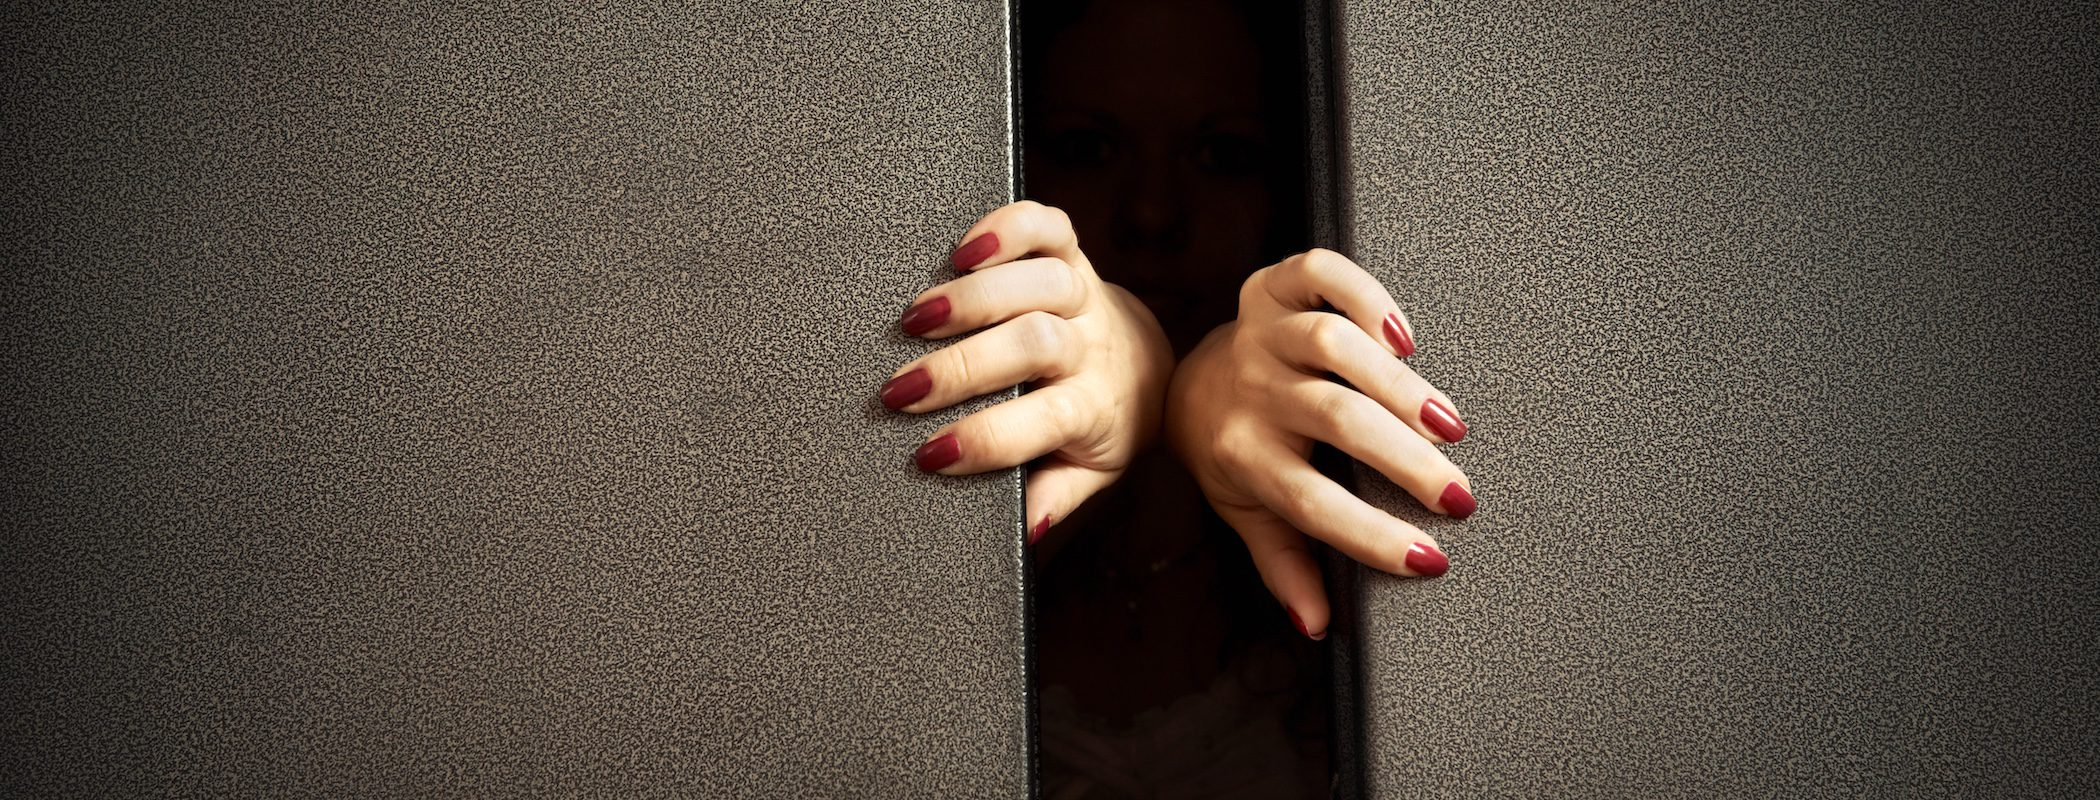 Hacer el amor en un ascensor: guía para tener buen sexo